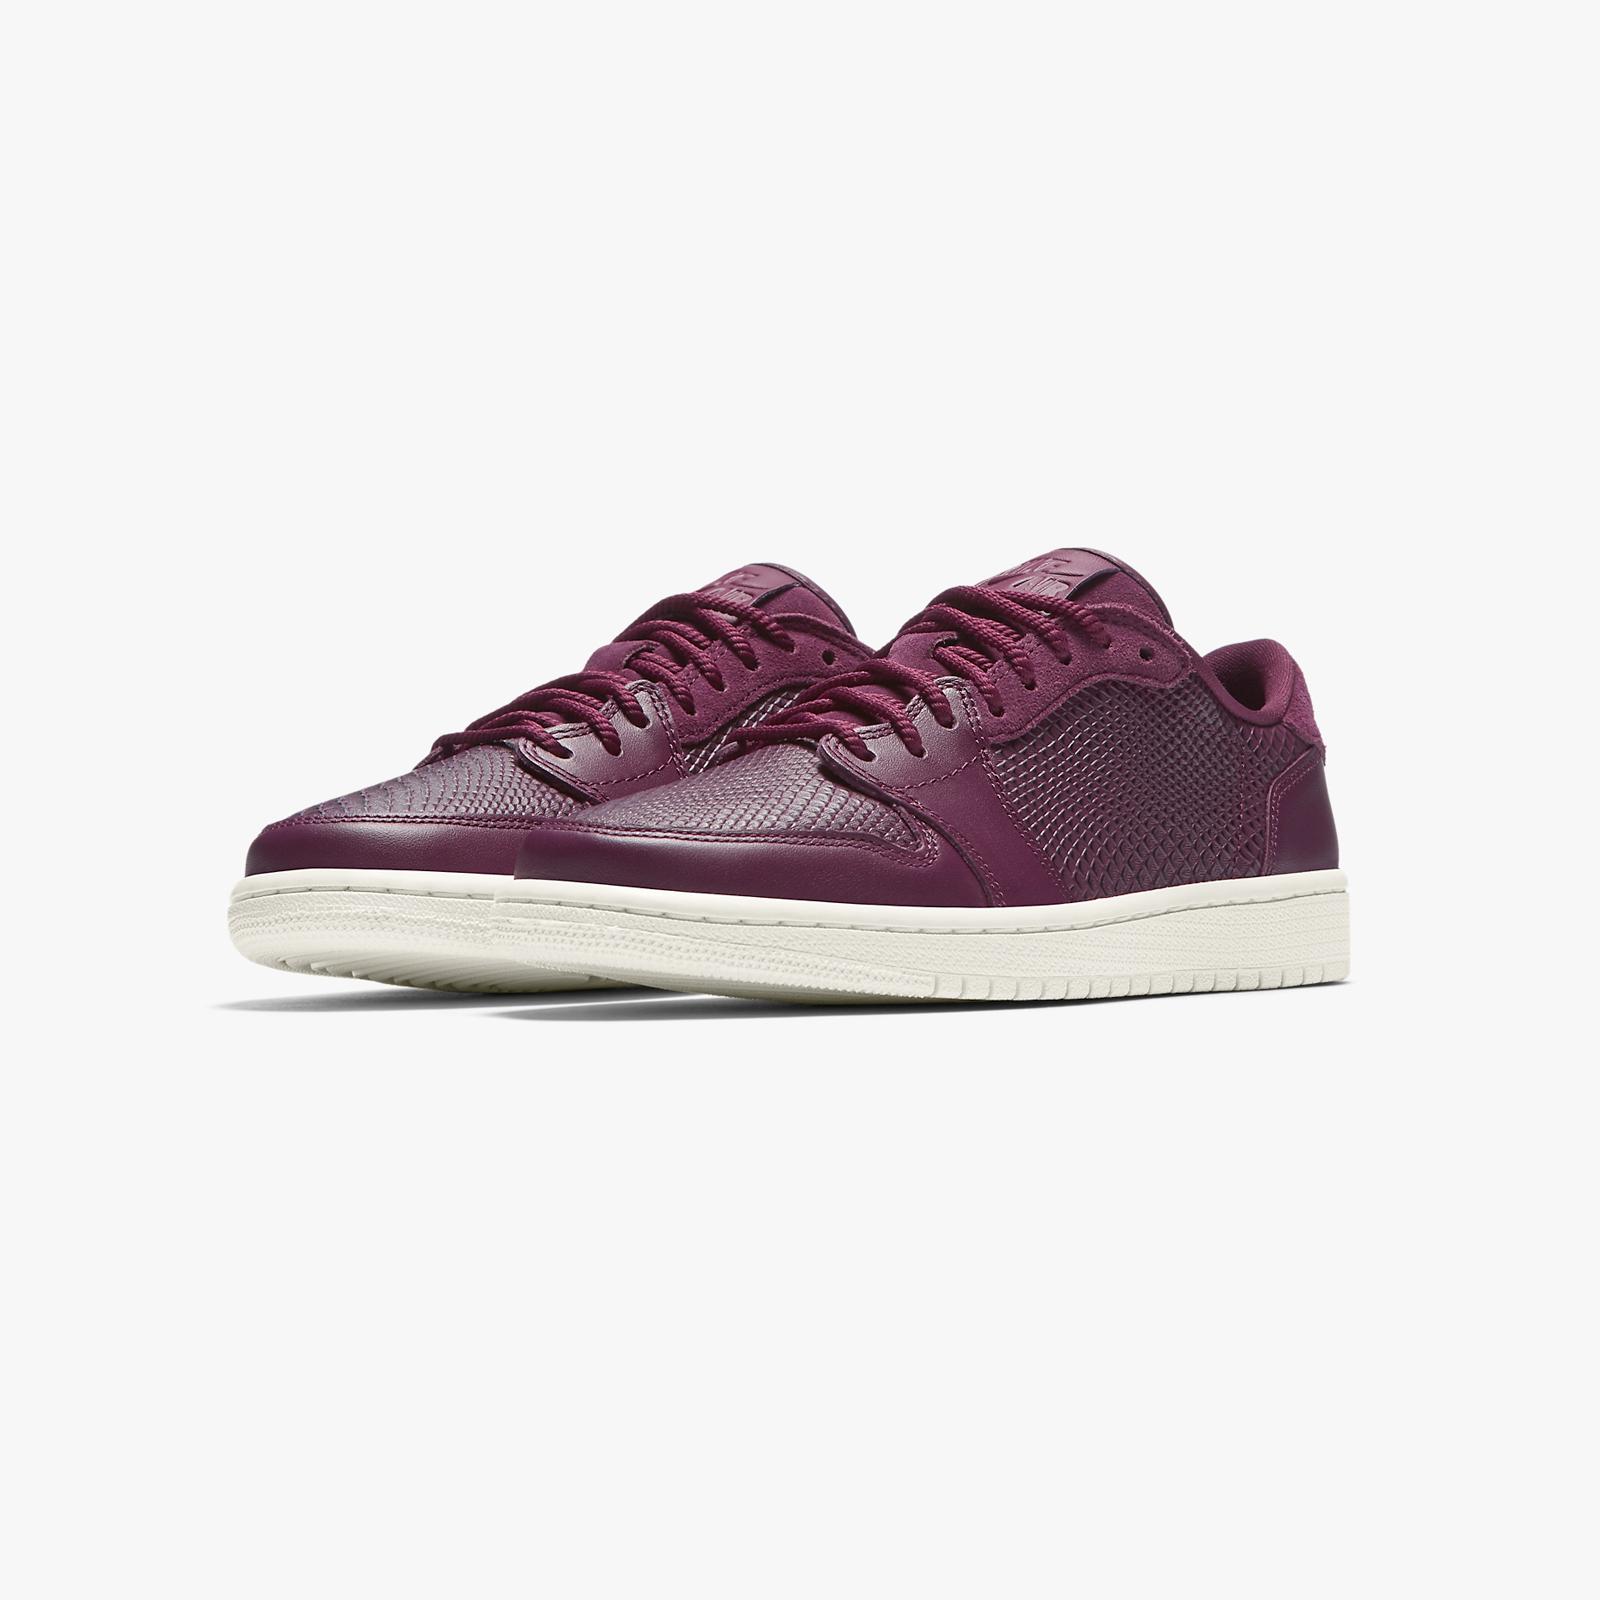 purchase cheap check out free shipping Jordan Brand Wmns Air Jordan 1 Retro Low